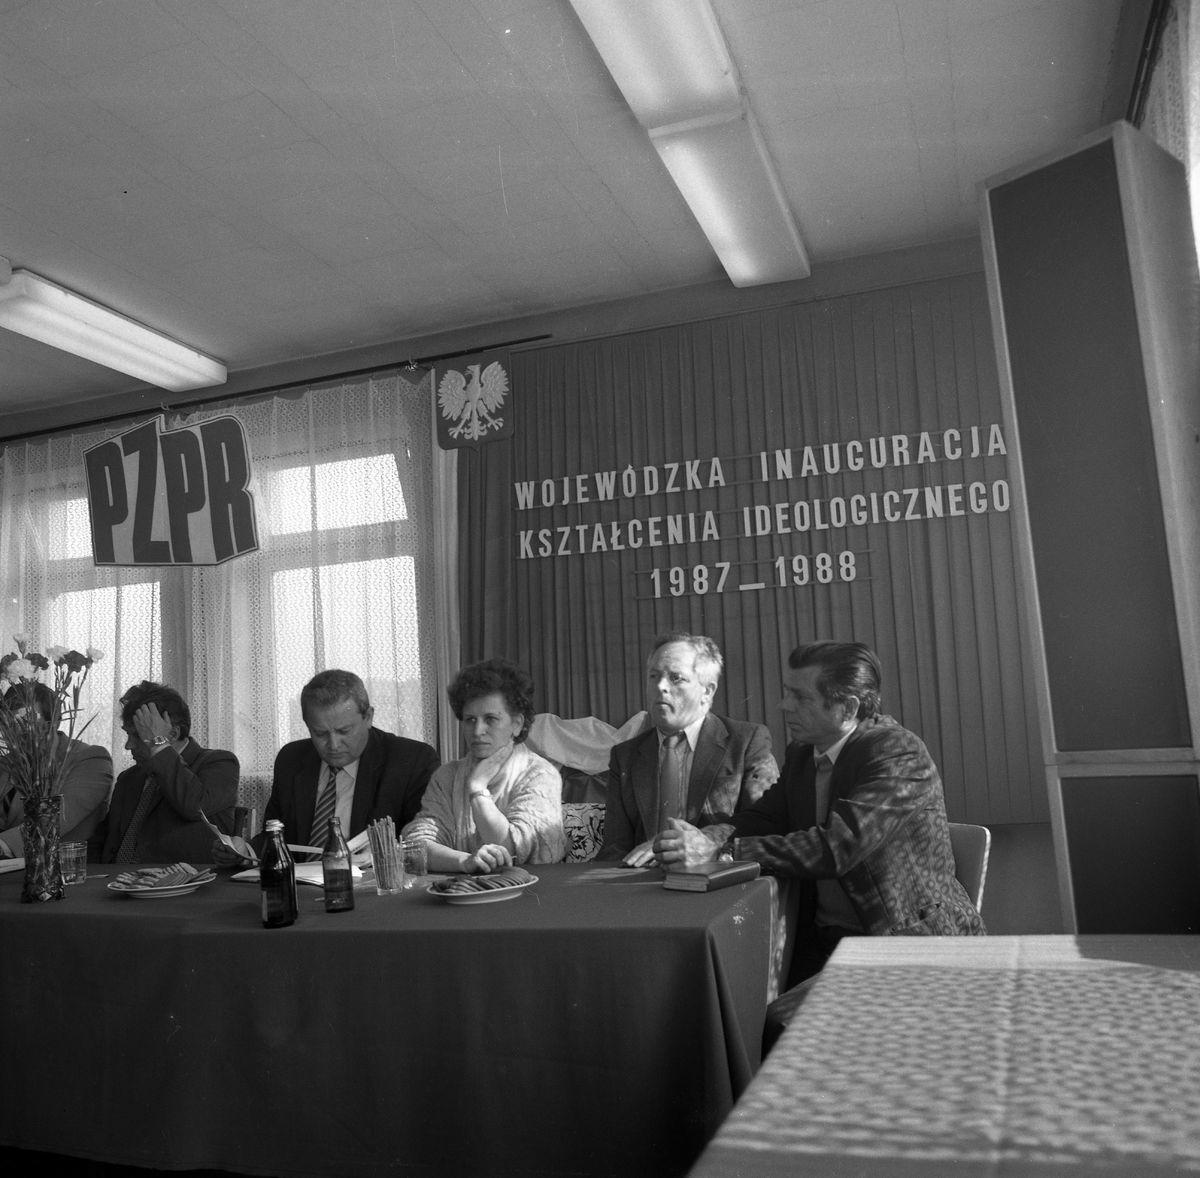 Wojewódzka Inauguracja Kształcenia Ideologicznego, 1987 r.